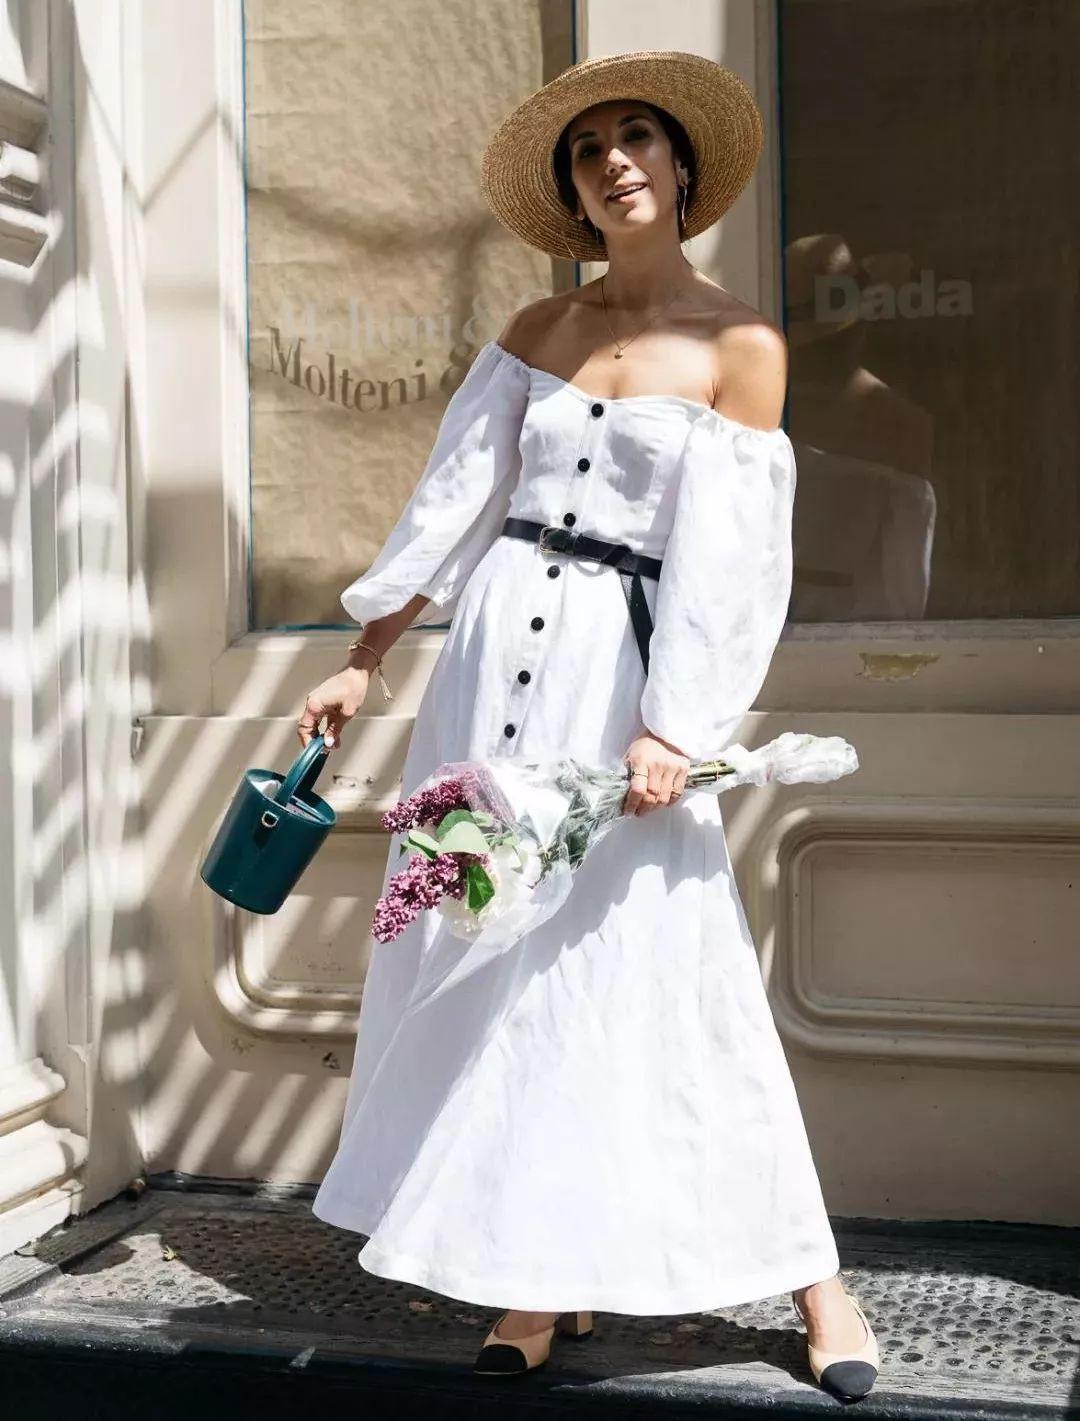 Sau cơn sốt váy trắng Zara, loạt váy liền cài khuy trước với đủ kiểu dáng đang đốn tim các nàng - Ảnh 8.